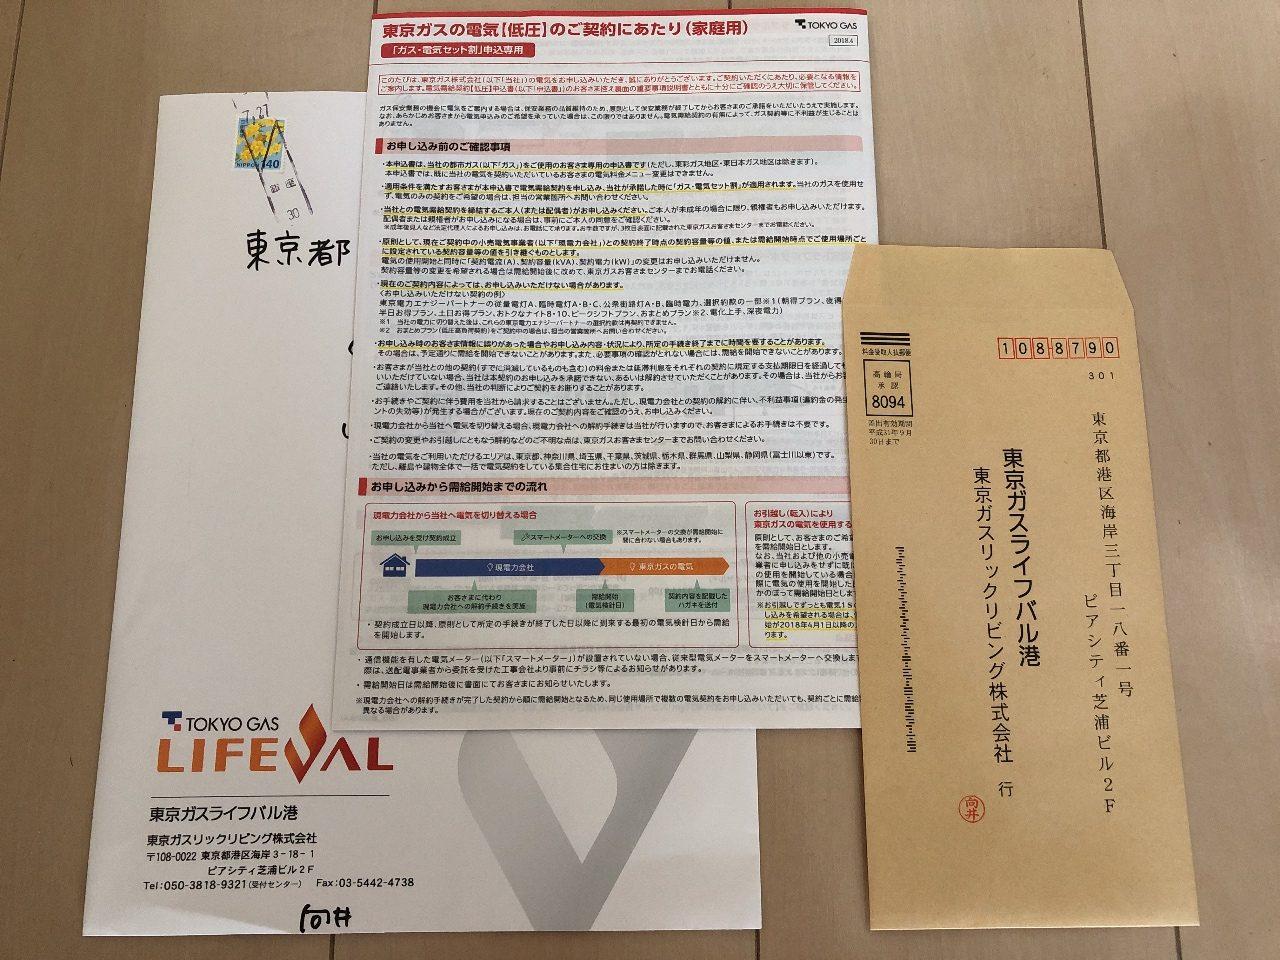 電話3日後に東京ガスから実際に届けられた申込用紙一式